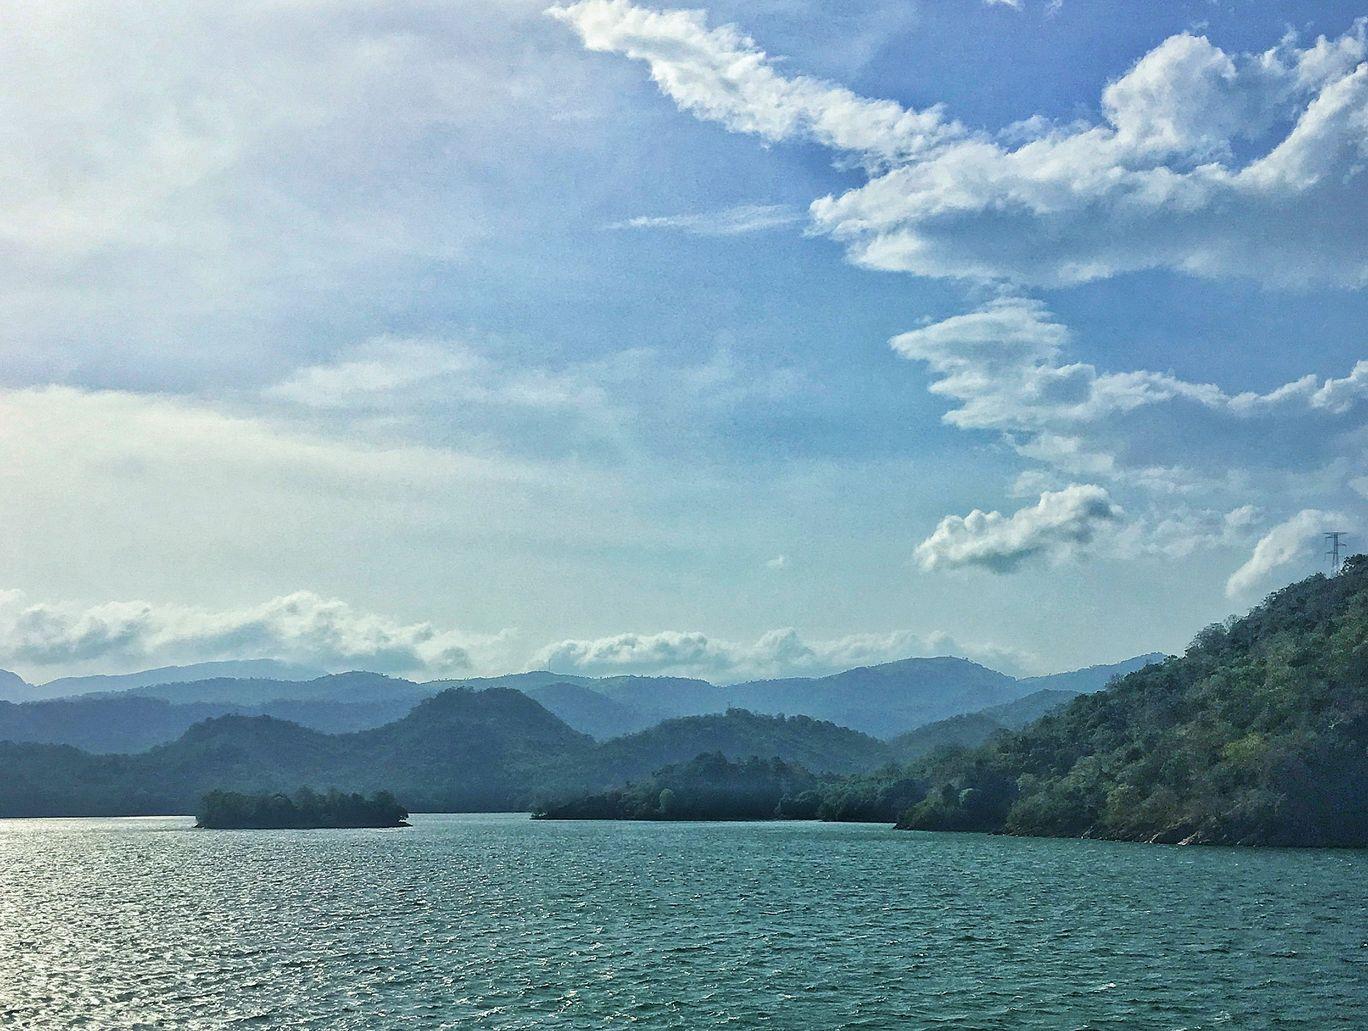 Photo of Victoria Dam By Shaurya Khera